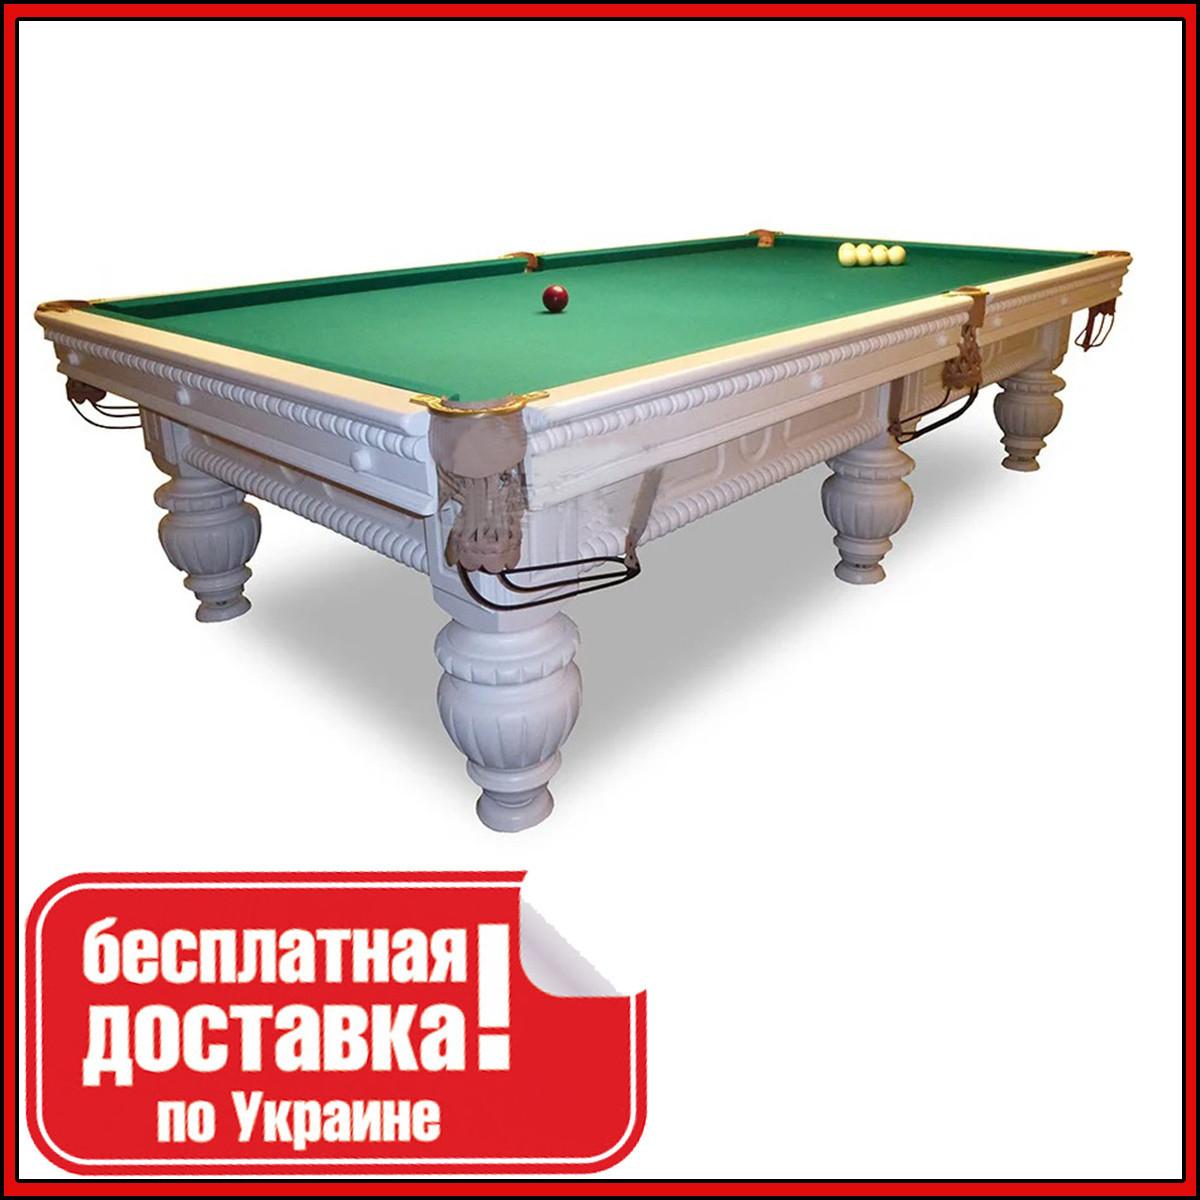 Бильярдный стол для пула КОРОЛЬ АРТУР 10 футов Ардезия 2.8 м х 1.4 м из натурального дерева